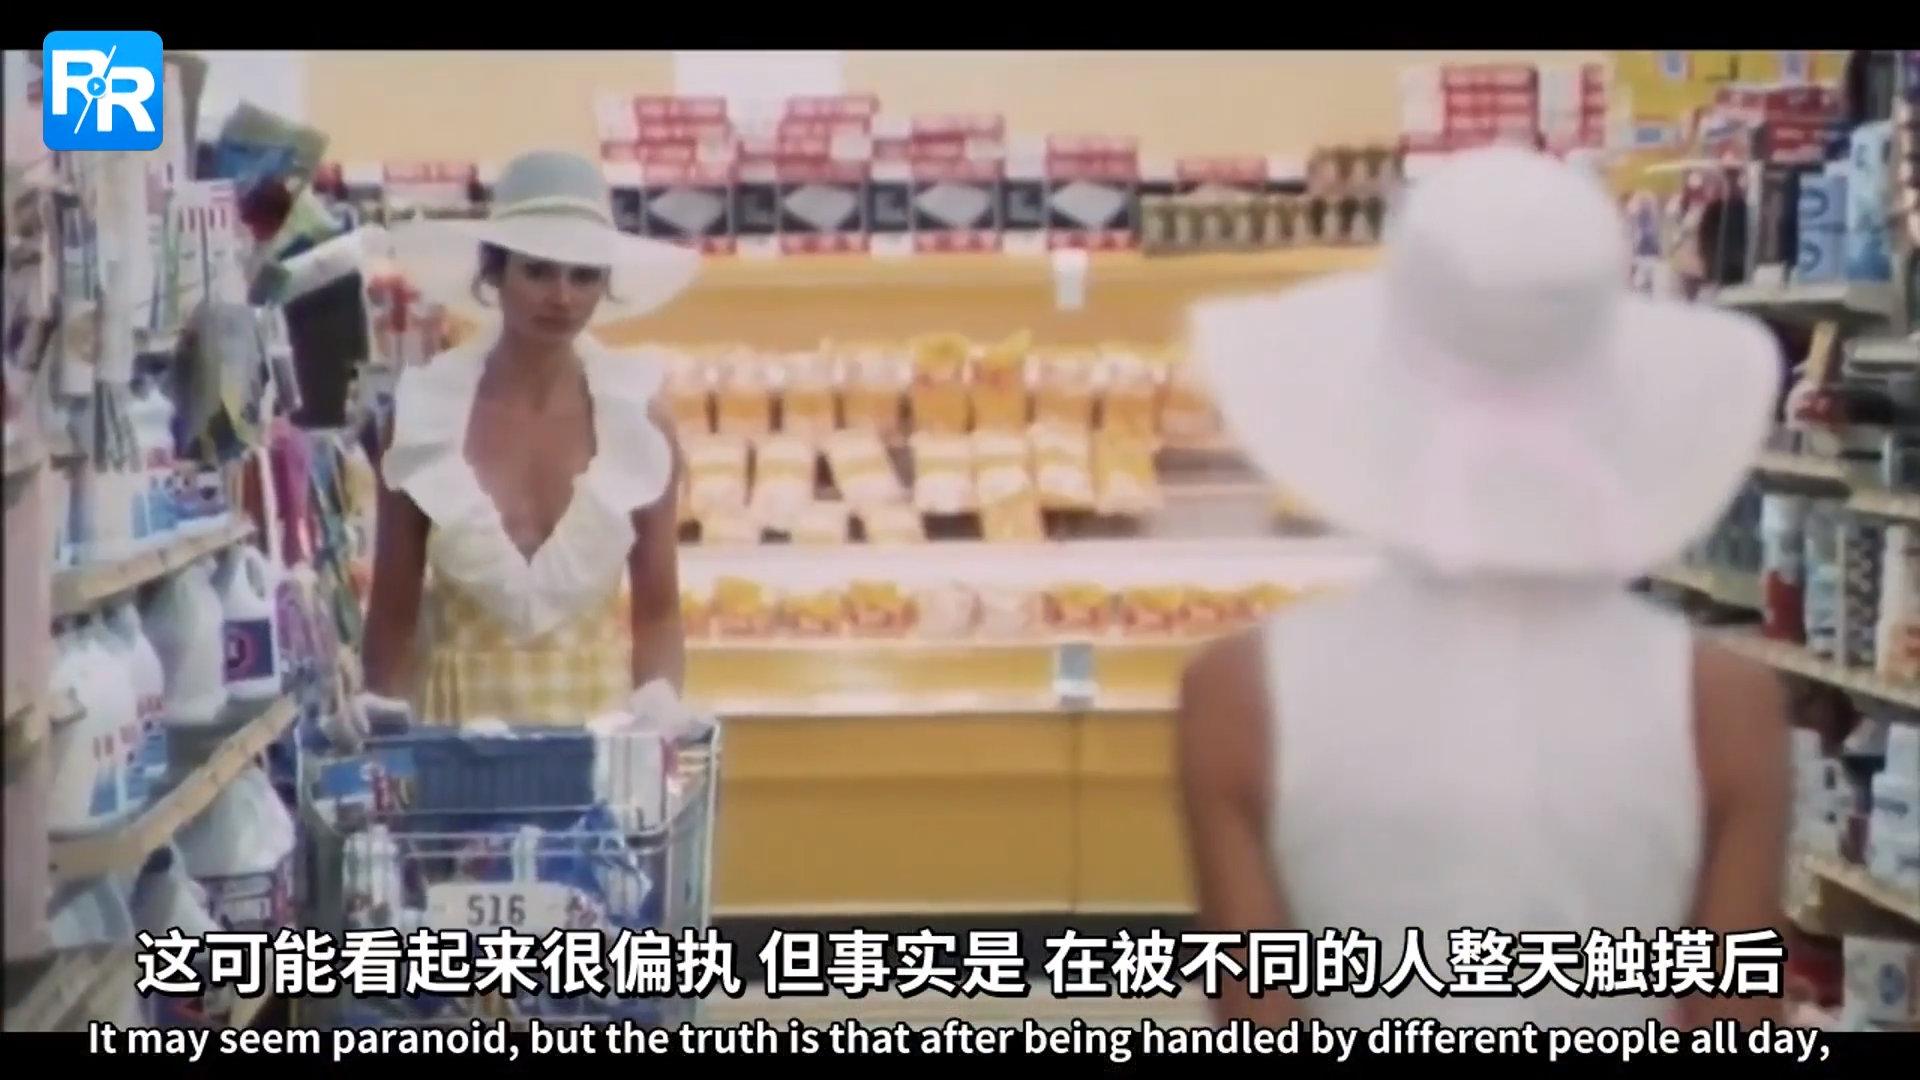 去超市购物的几个高效省钱技巧!除了提前准备好购物清单